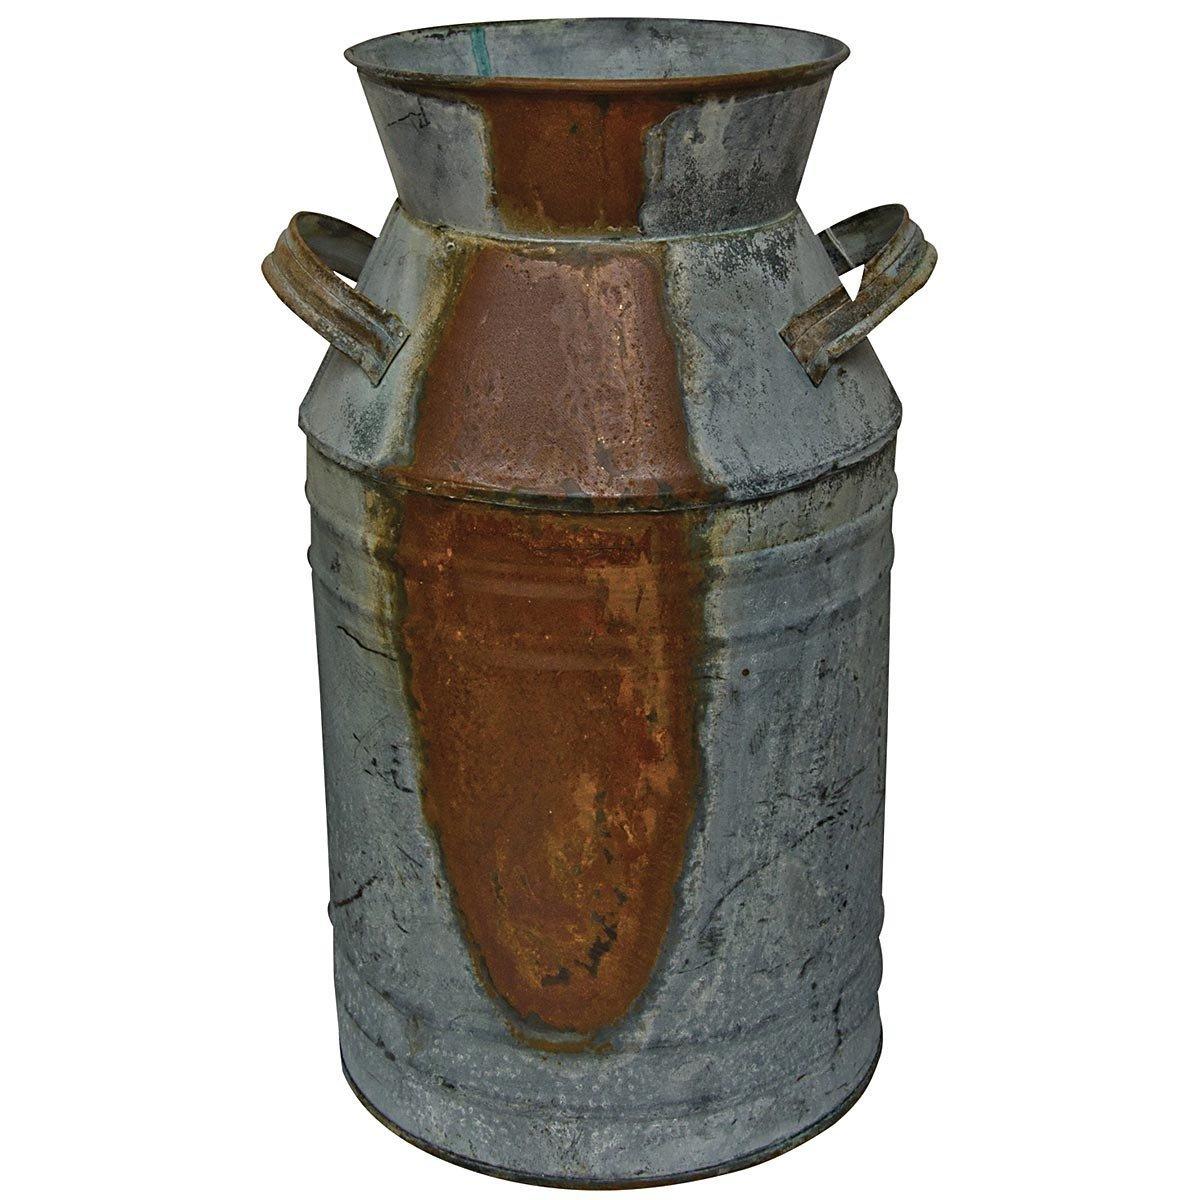 Country Rustic Primitive Jug Vase